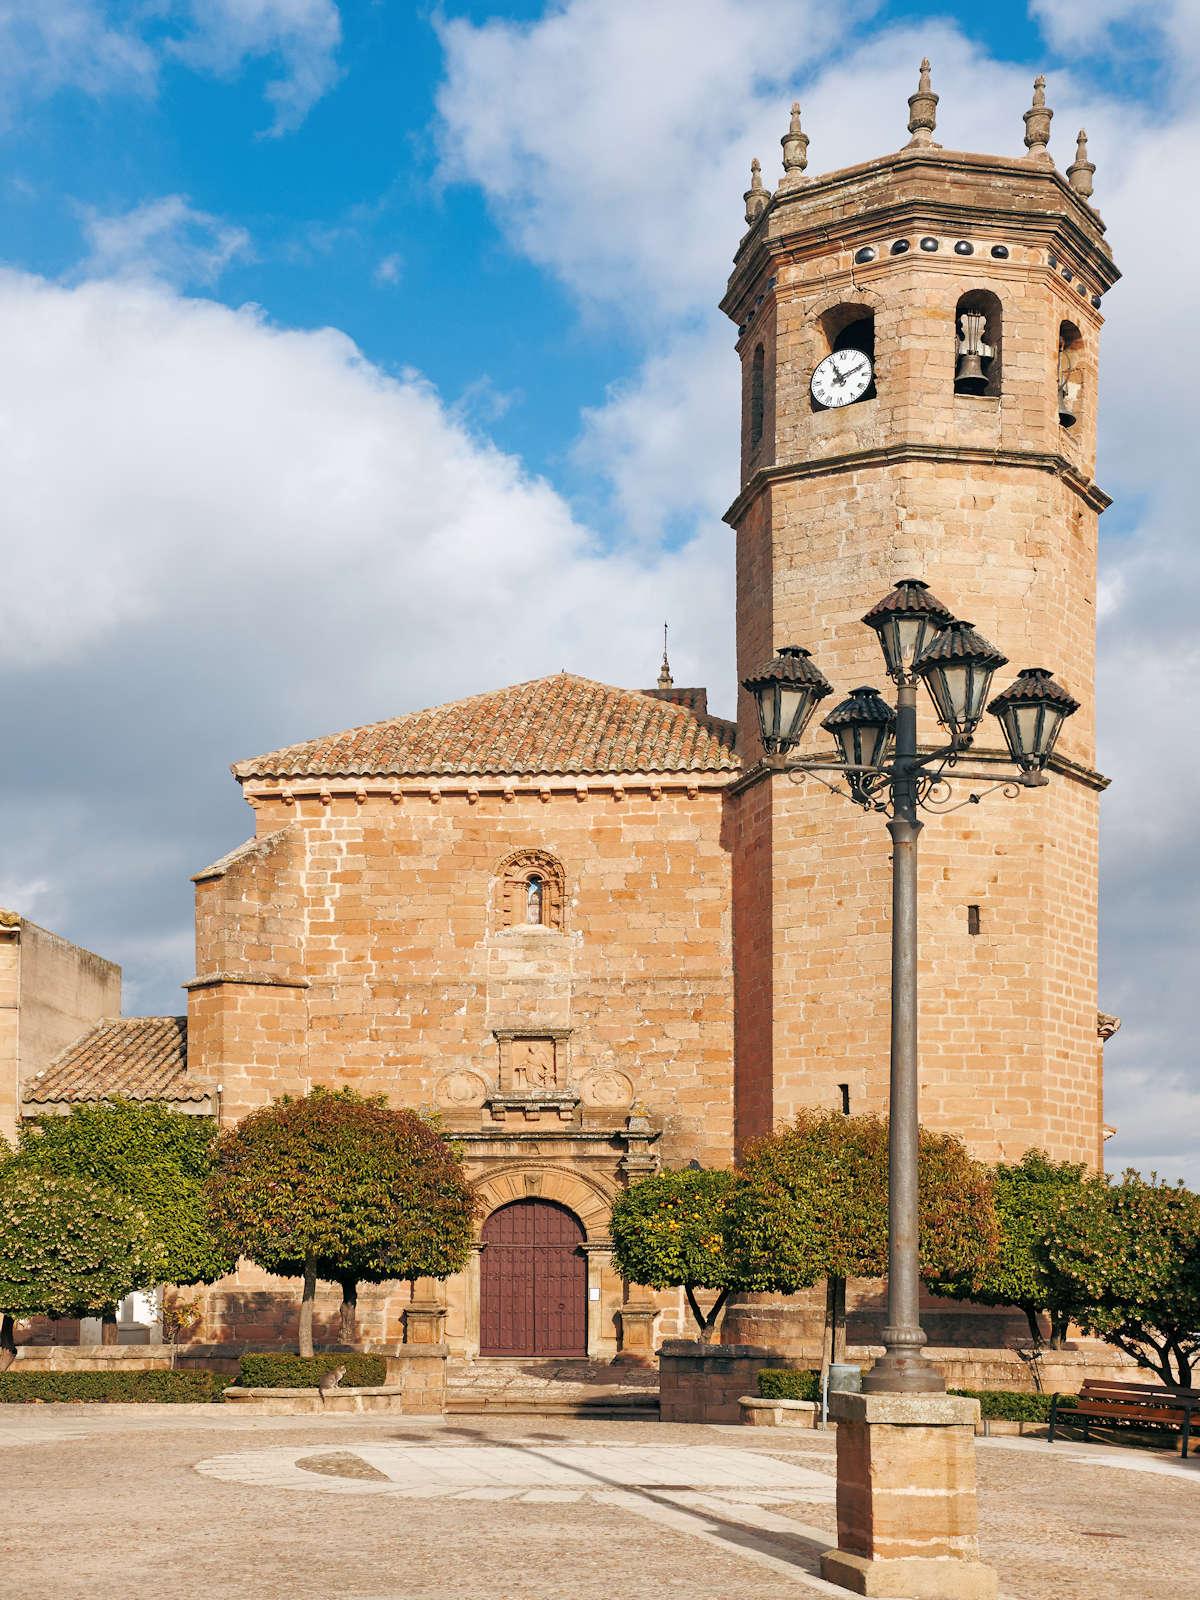 iglesia-san-mateo-frente-a-la-plaza-del-ayuntamiento-en-baños-de-la-encina